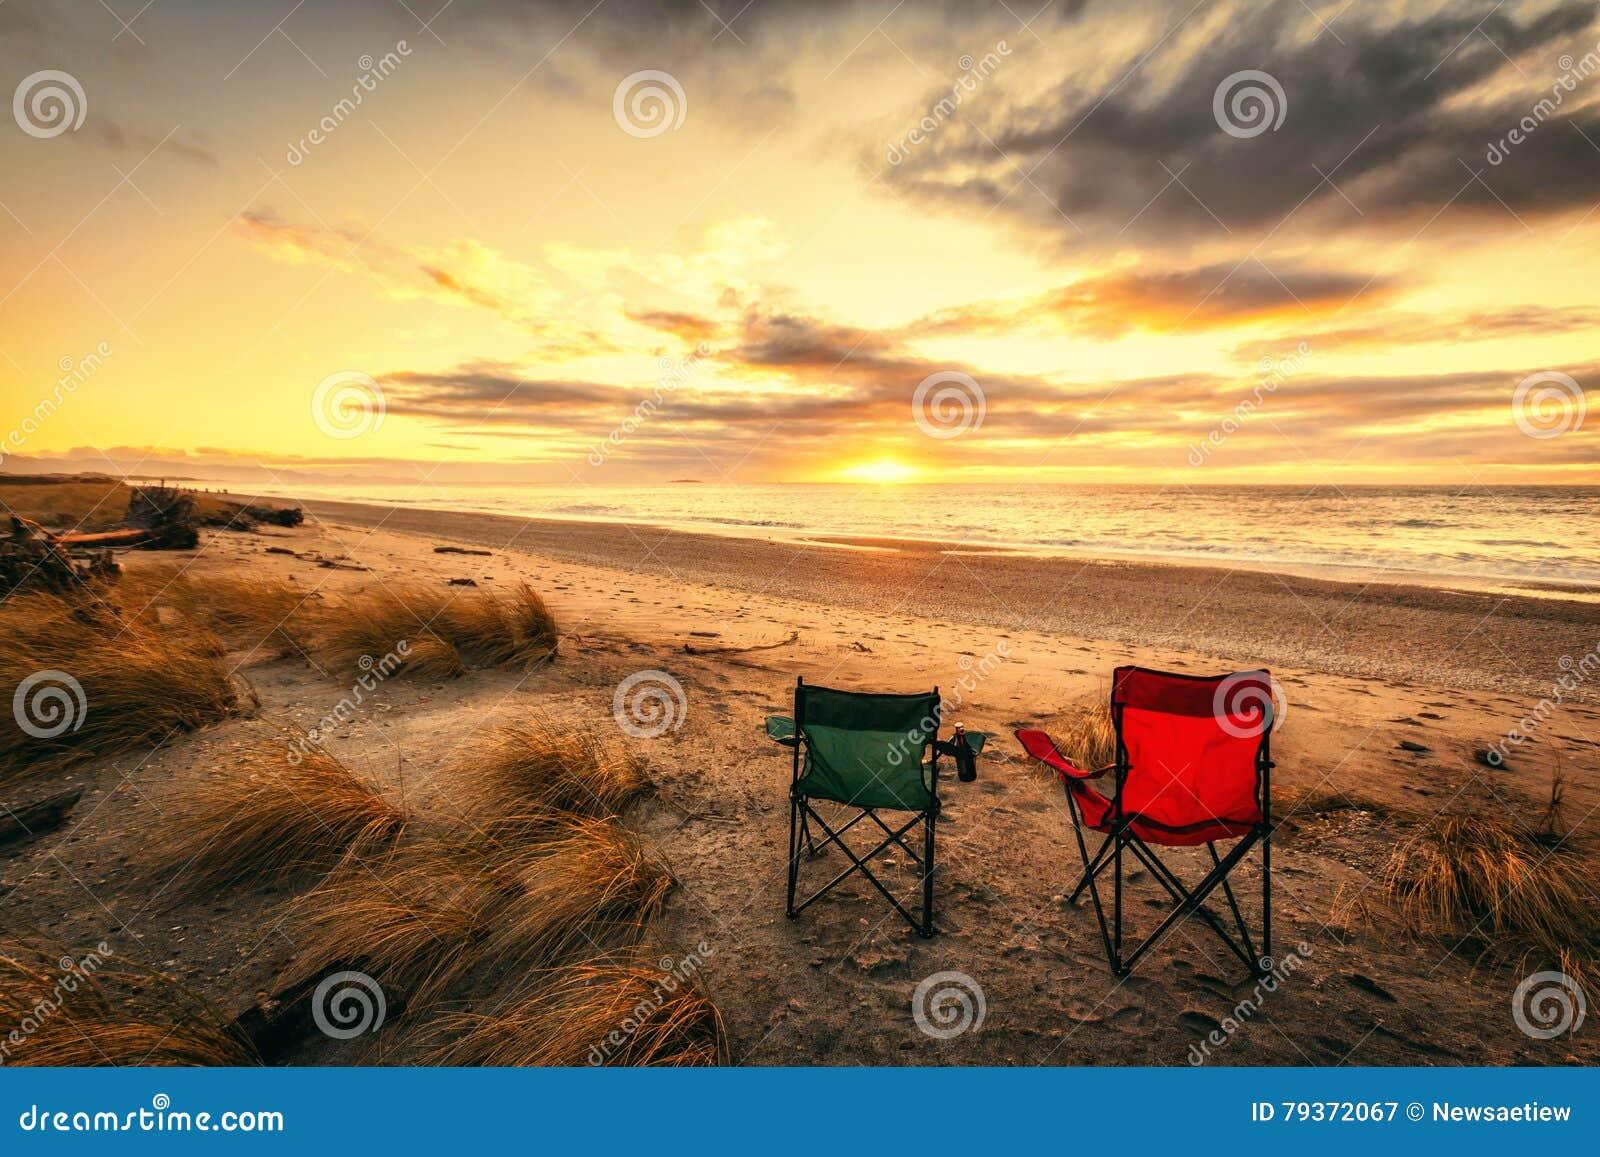 Tempo di vacanza alla spiaggia di haast nell 39 isola del sud - Alla colorazione della spiaggia ...